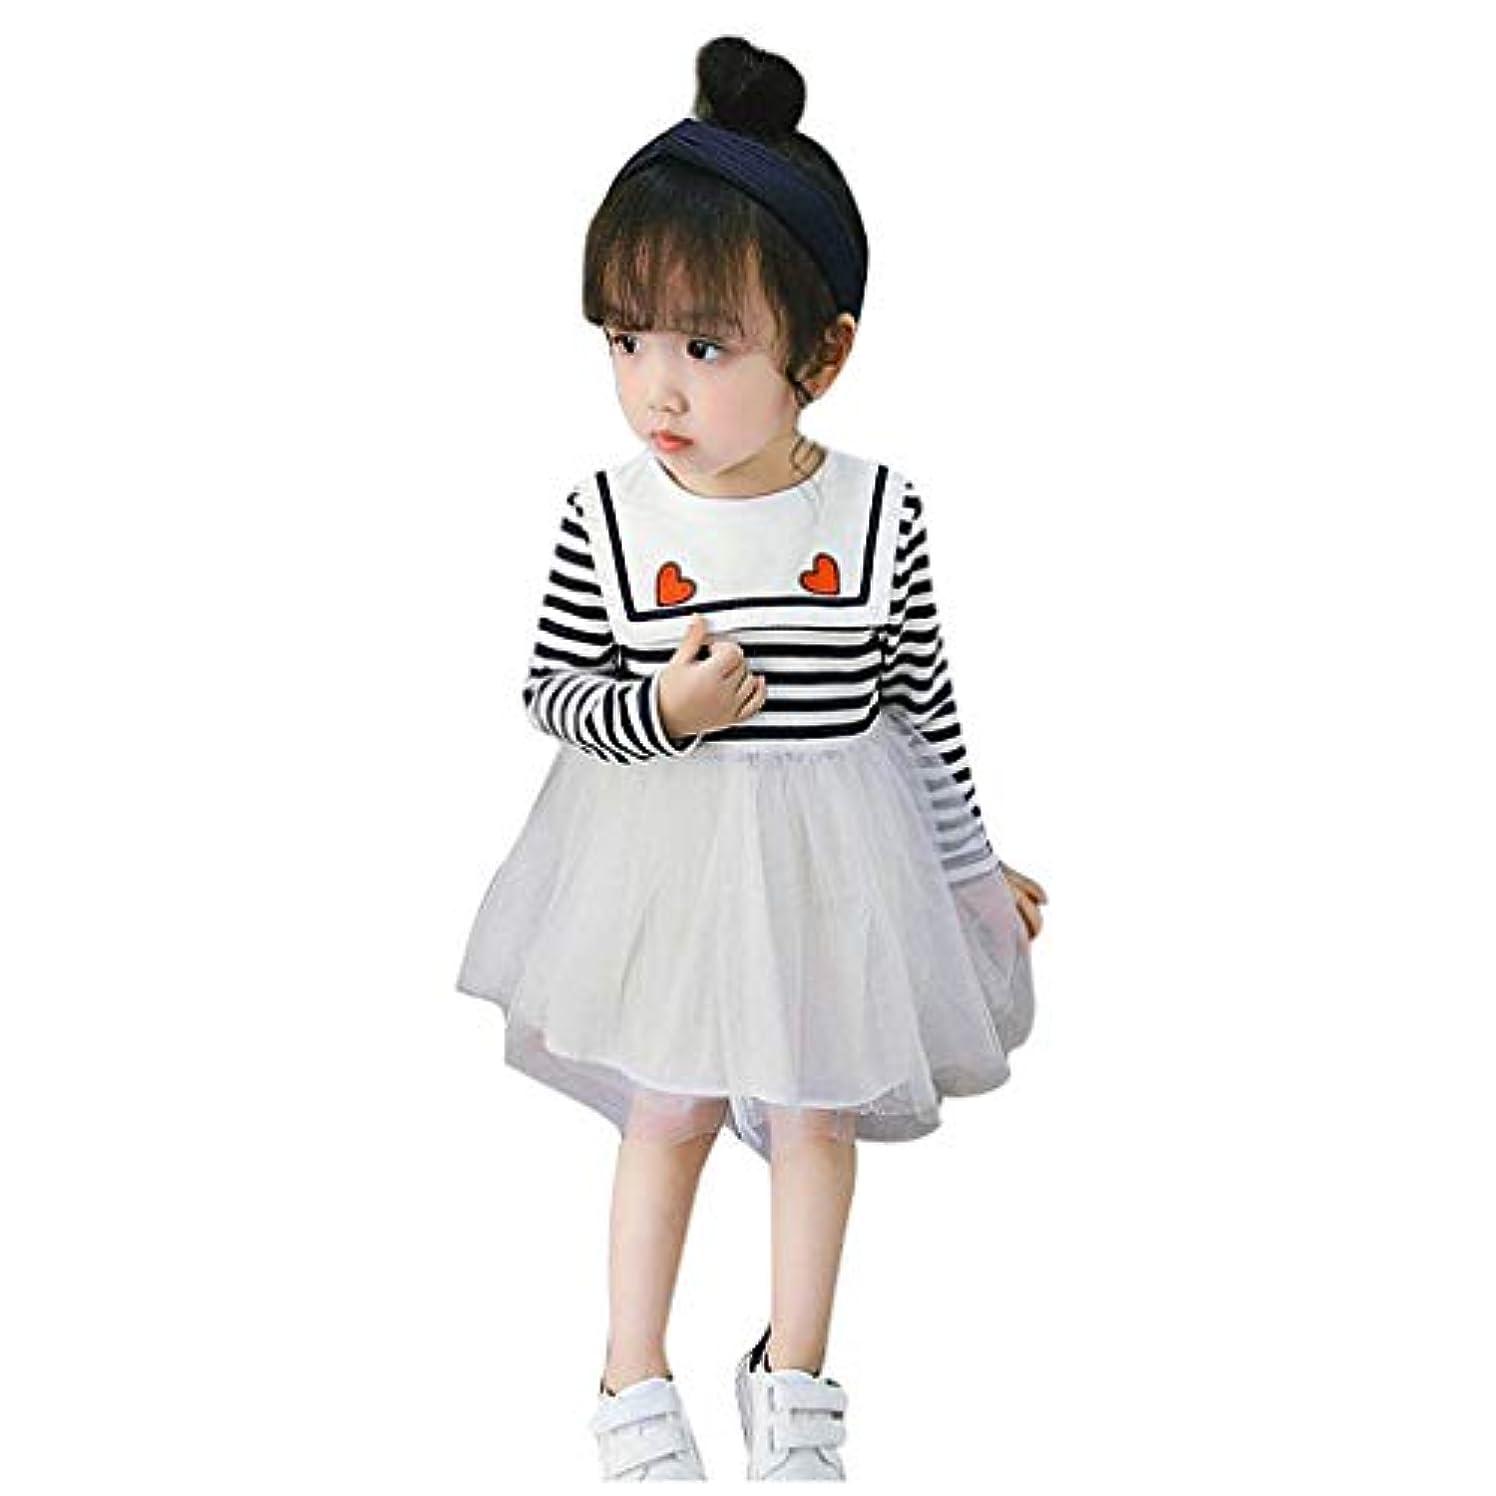 ありふれた赤今MISFIY ベビー服 子供 ガールズ 女の子 4セット ロンパース tutuスカート+ヘアバンド+ 靴 +靴下 綿 肌着 漫画柄 ハロウィン Halloween クモ かわいい 柔らかい 誕生記念 出産祝い (90)